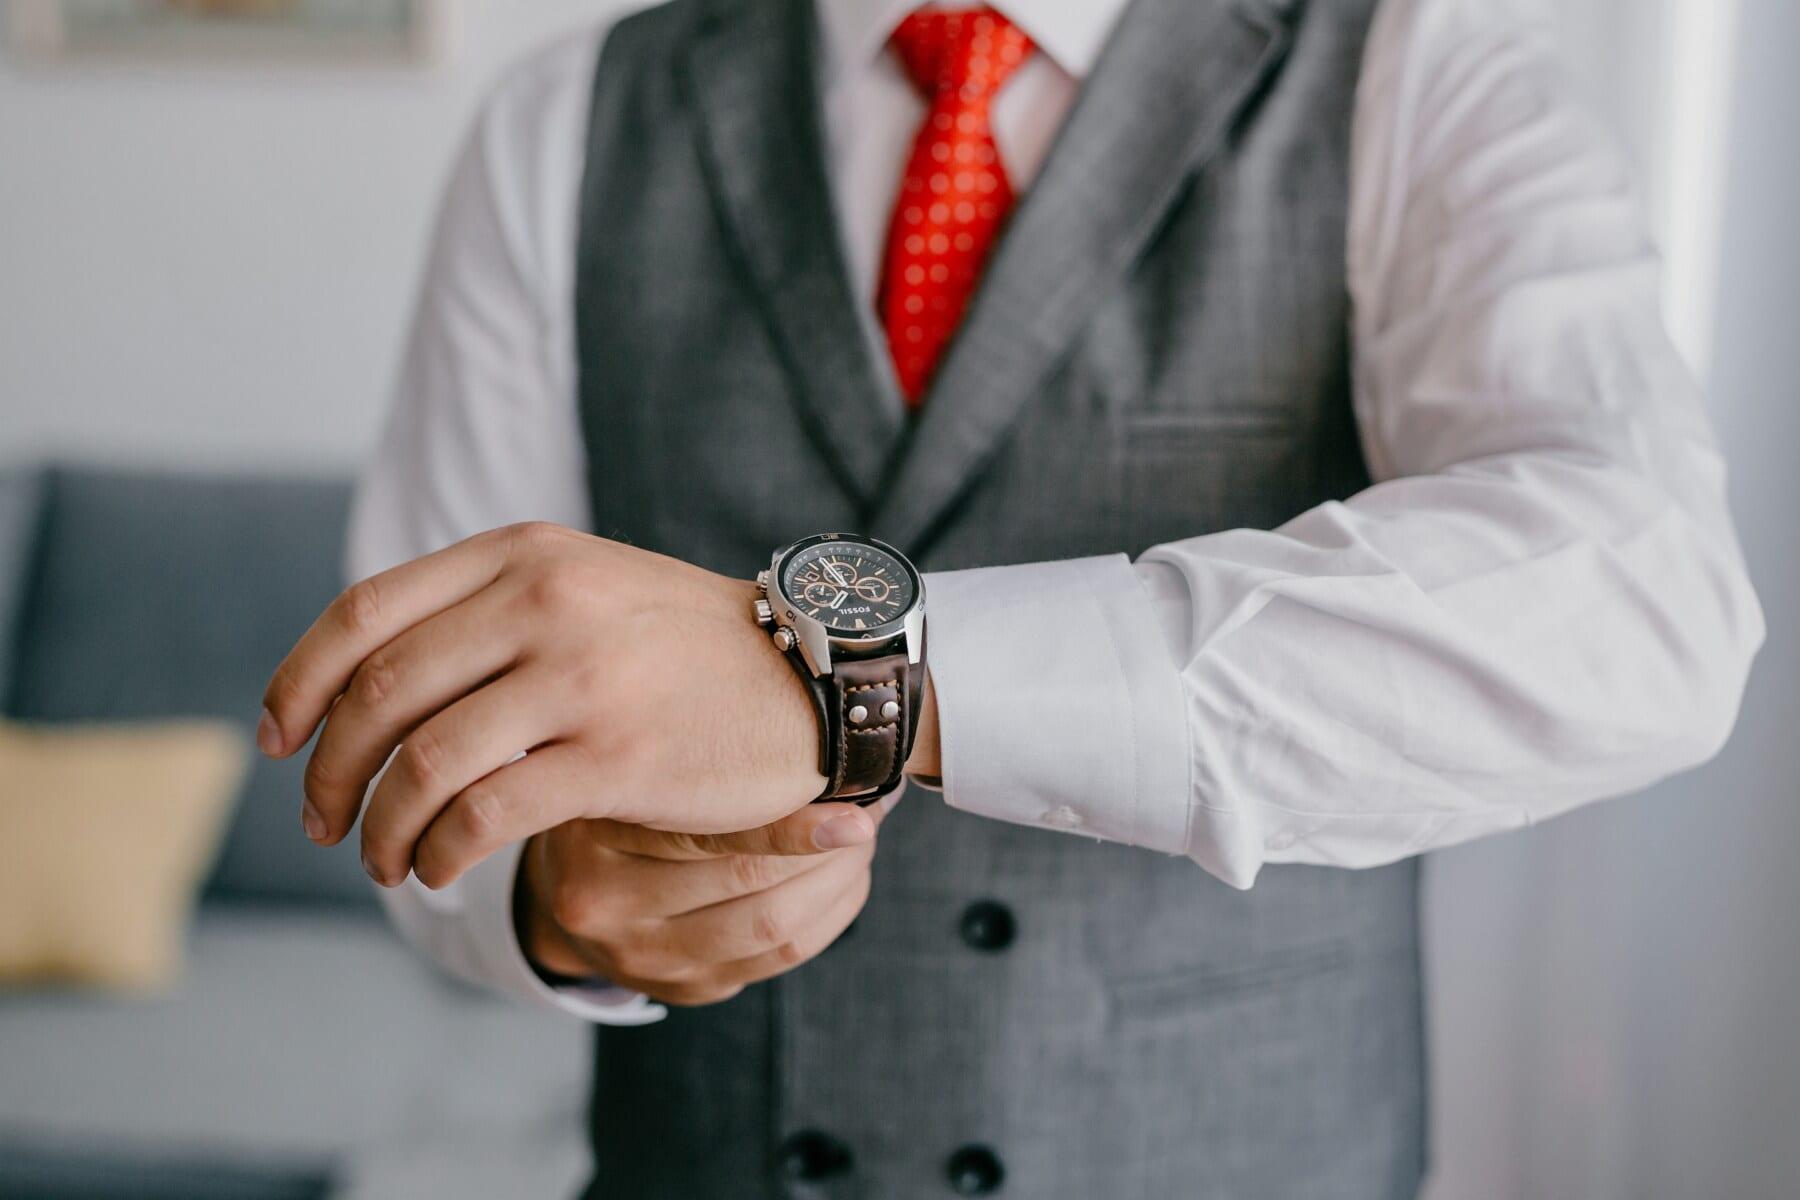 นาฬิกาข้อมือ, แฟนซี, มืออาชีพ, ผู้จัดการ, สำนักงาน, พนักงาน, คน, นักธุรกิจ, เสื้อผ้า, ตัดเย็บเสื้อผ้า